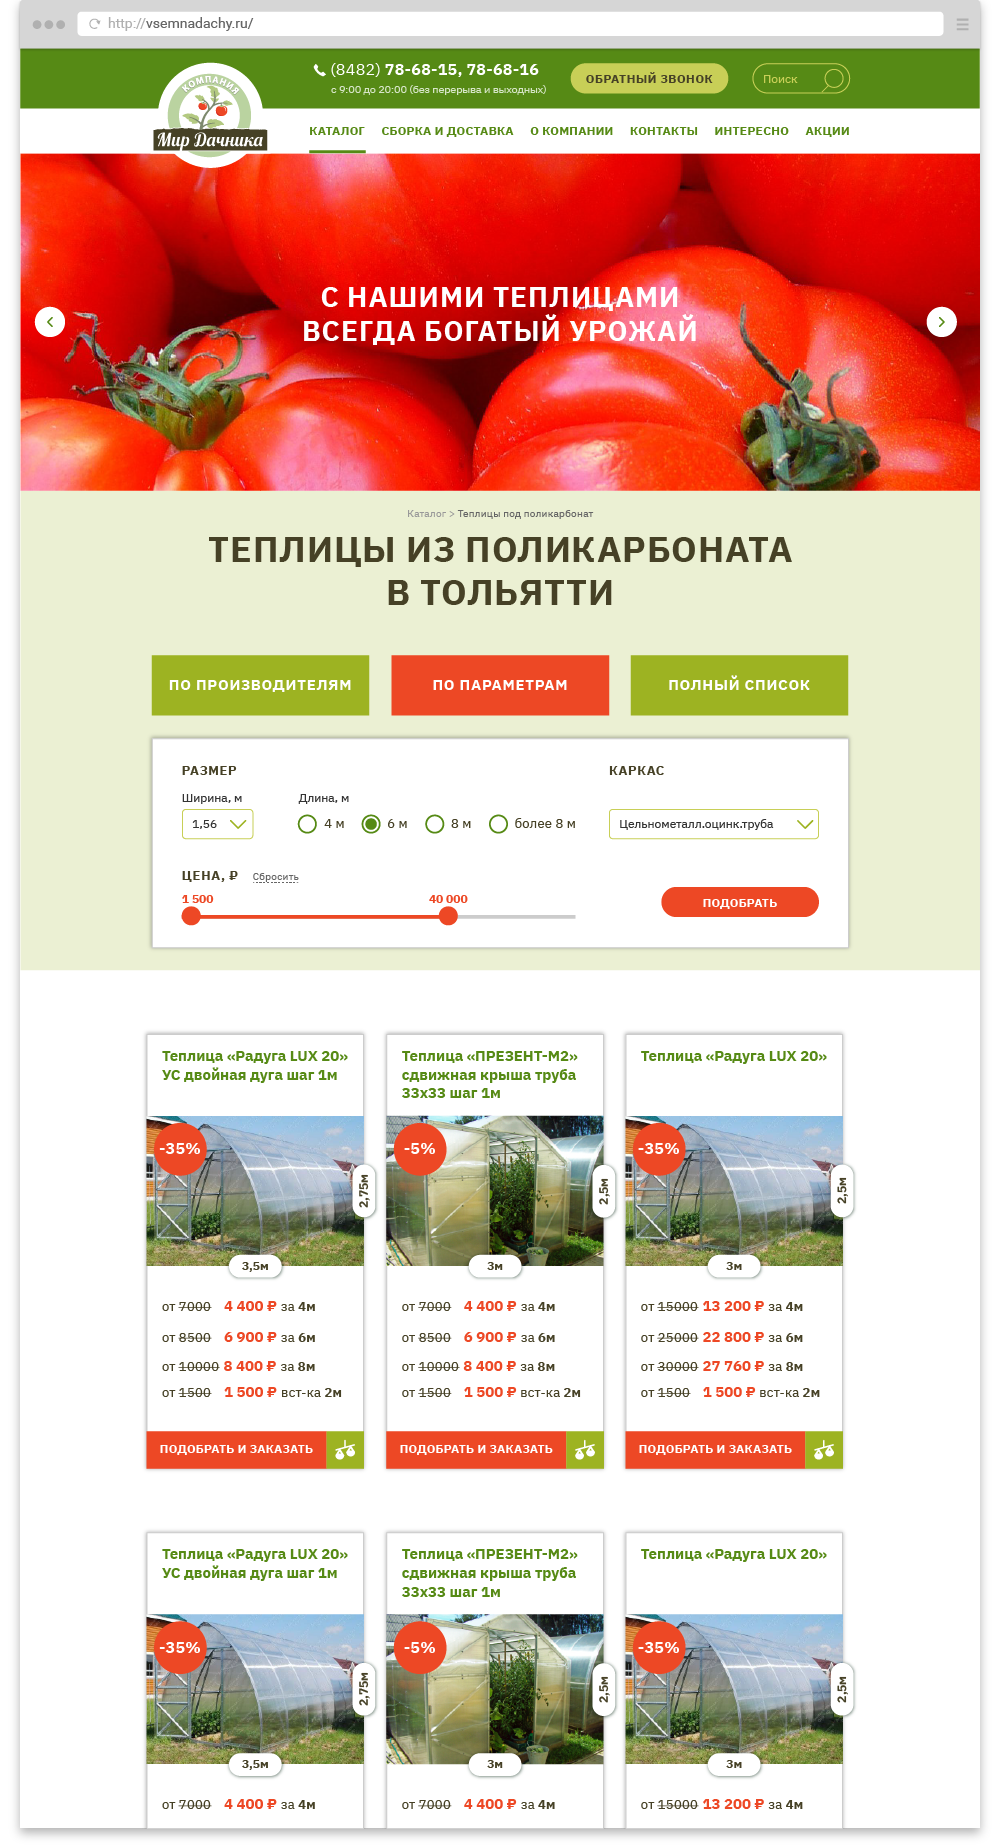 Раздел «Теплицы» в каталоге.